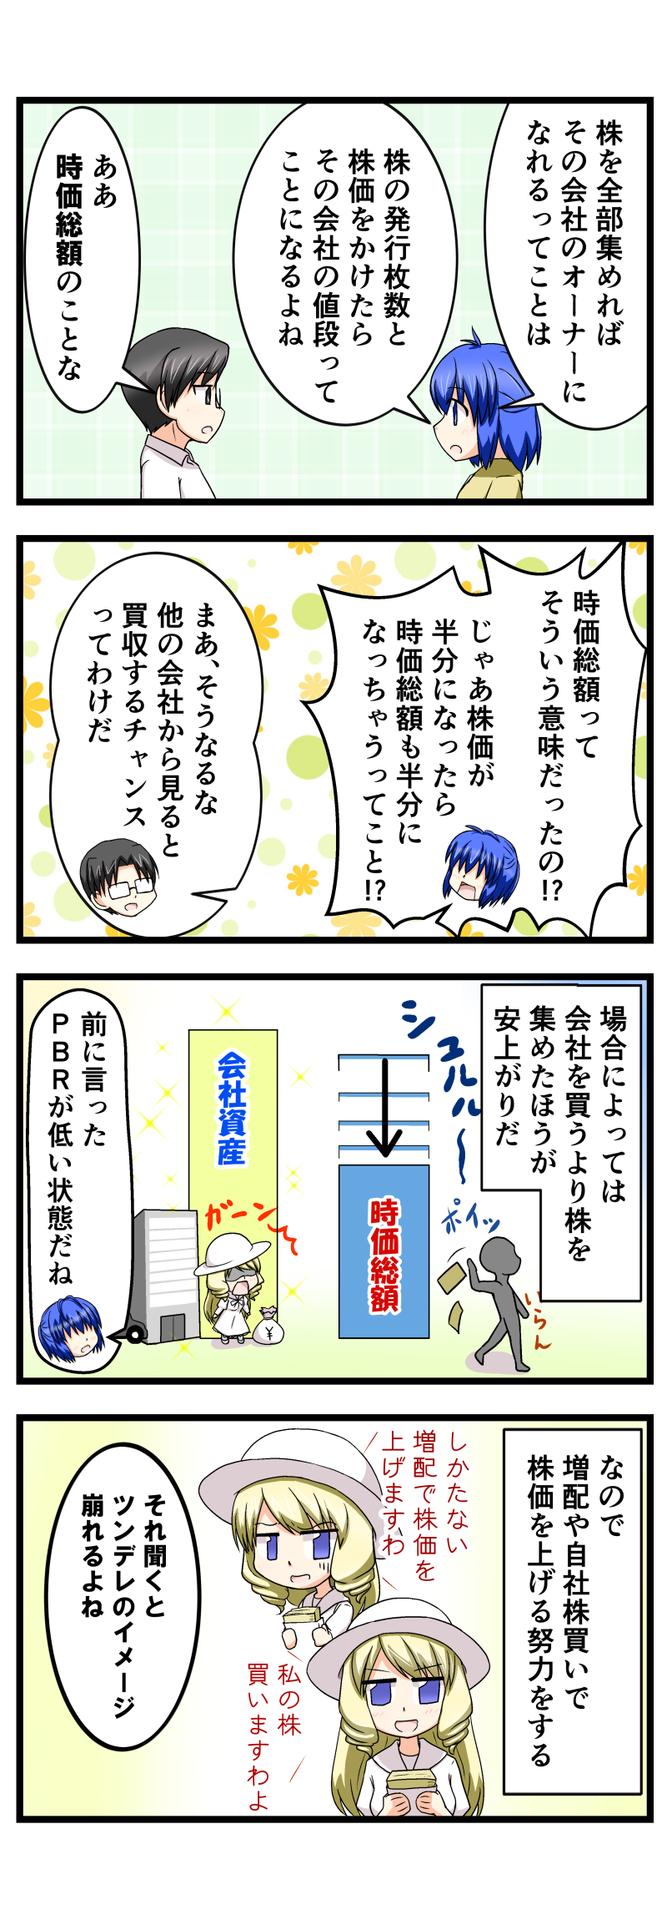 萌える株セミナー52.jpg